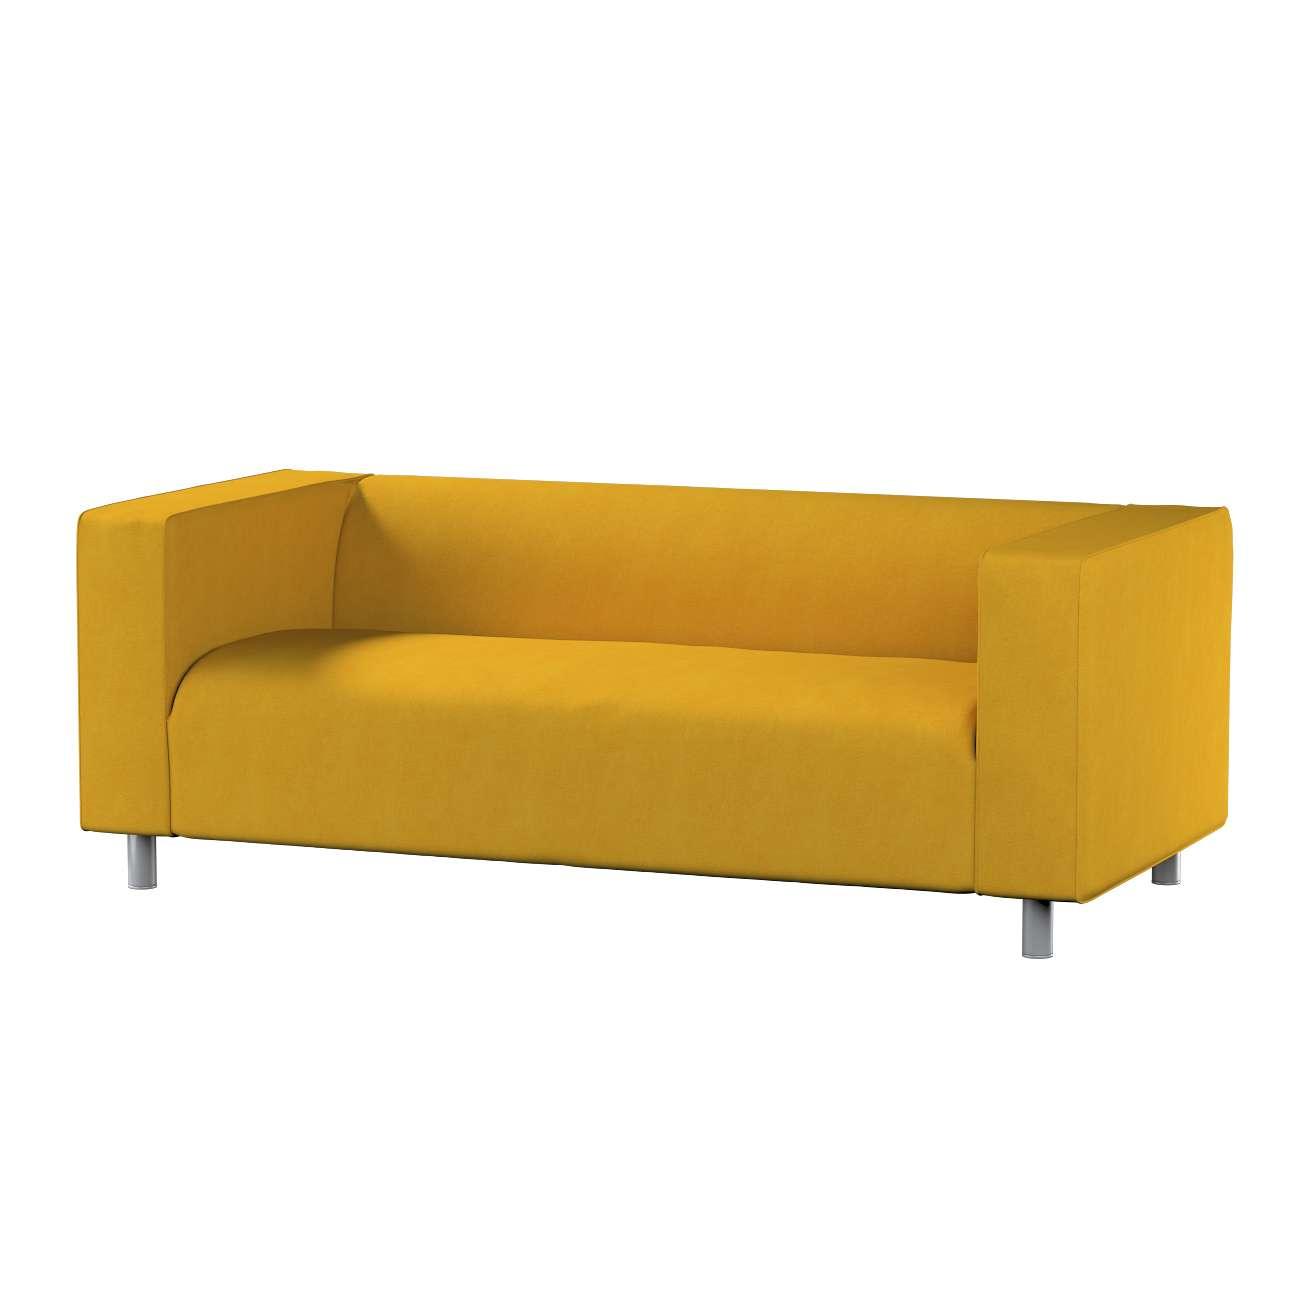 KLIPPAN dvivietės sofos užvalkalas Klippan 2-seater sofa cover kolekcijoje Etna , audinys: 705-04